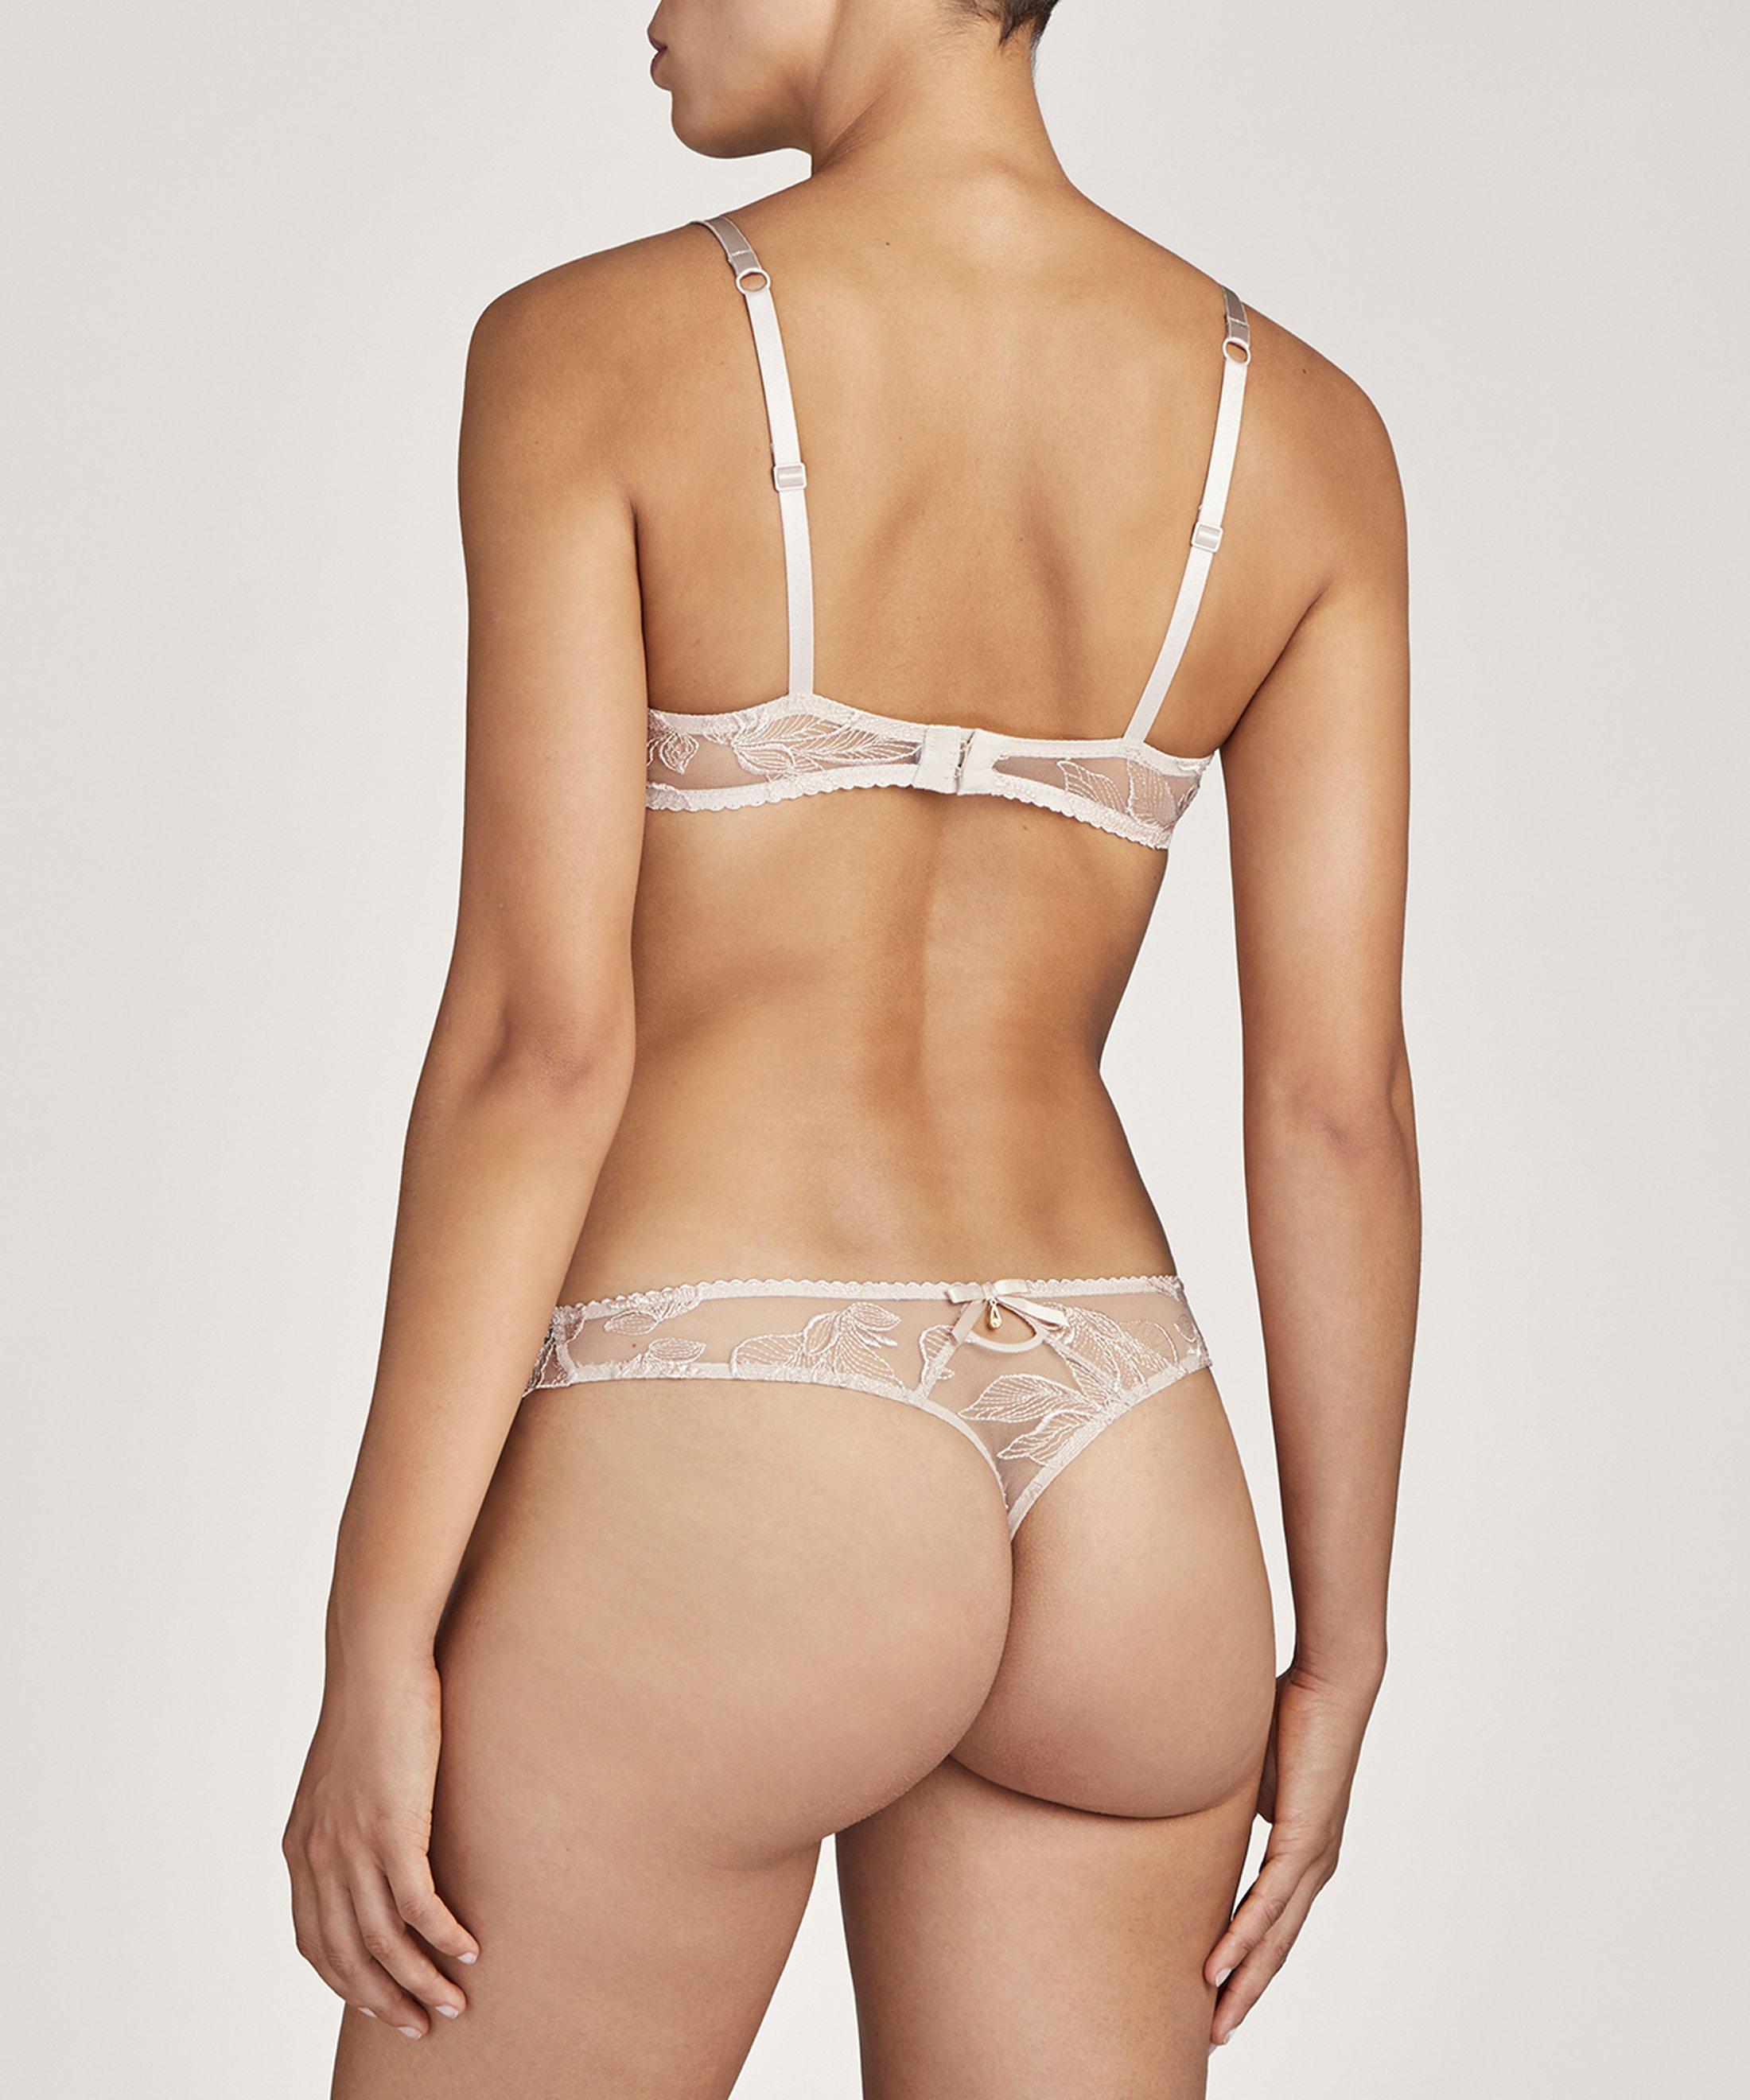 FLEUR DE TATTOO Soutien-gorge corbeille Nude Skin | Aubade